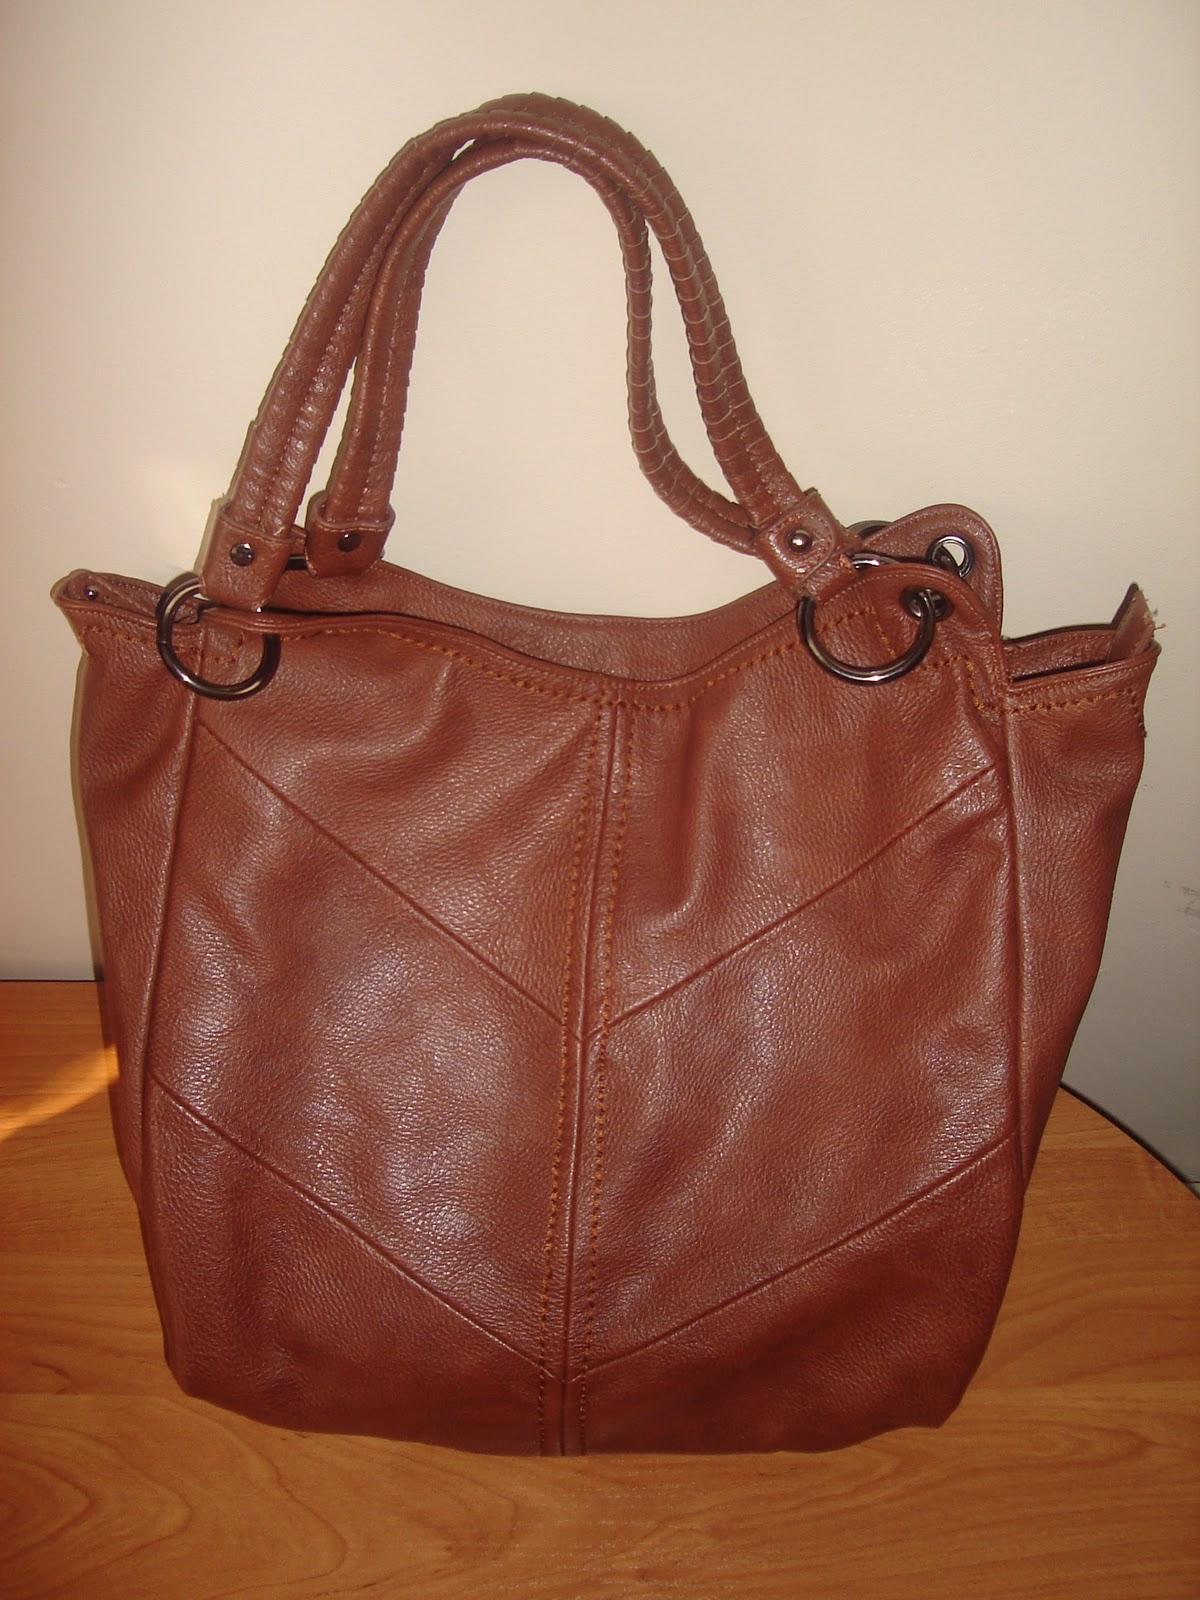 67a664a49a88f Co noszę w swojej torebce? - Beauty Blog by Kizia Mizia